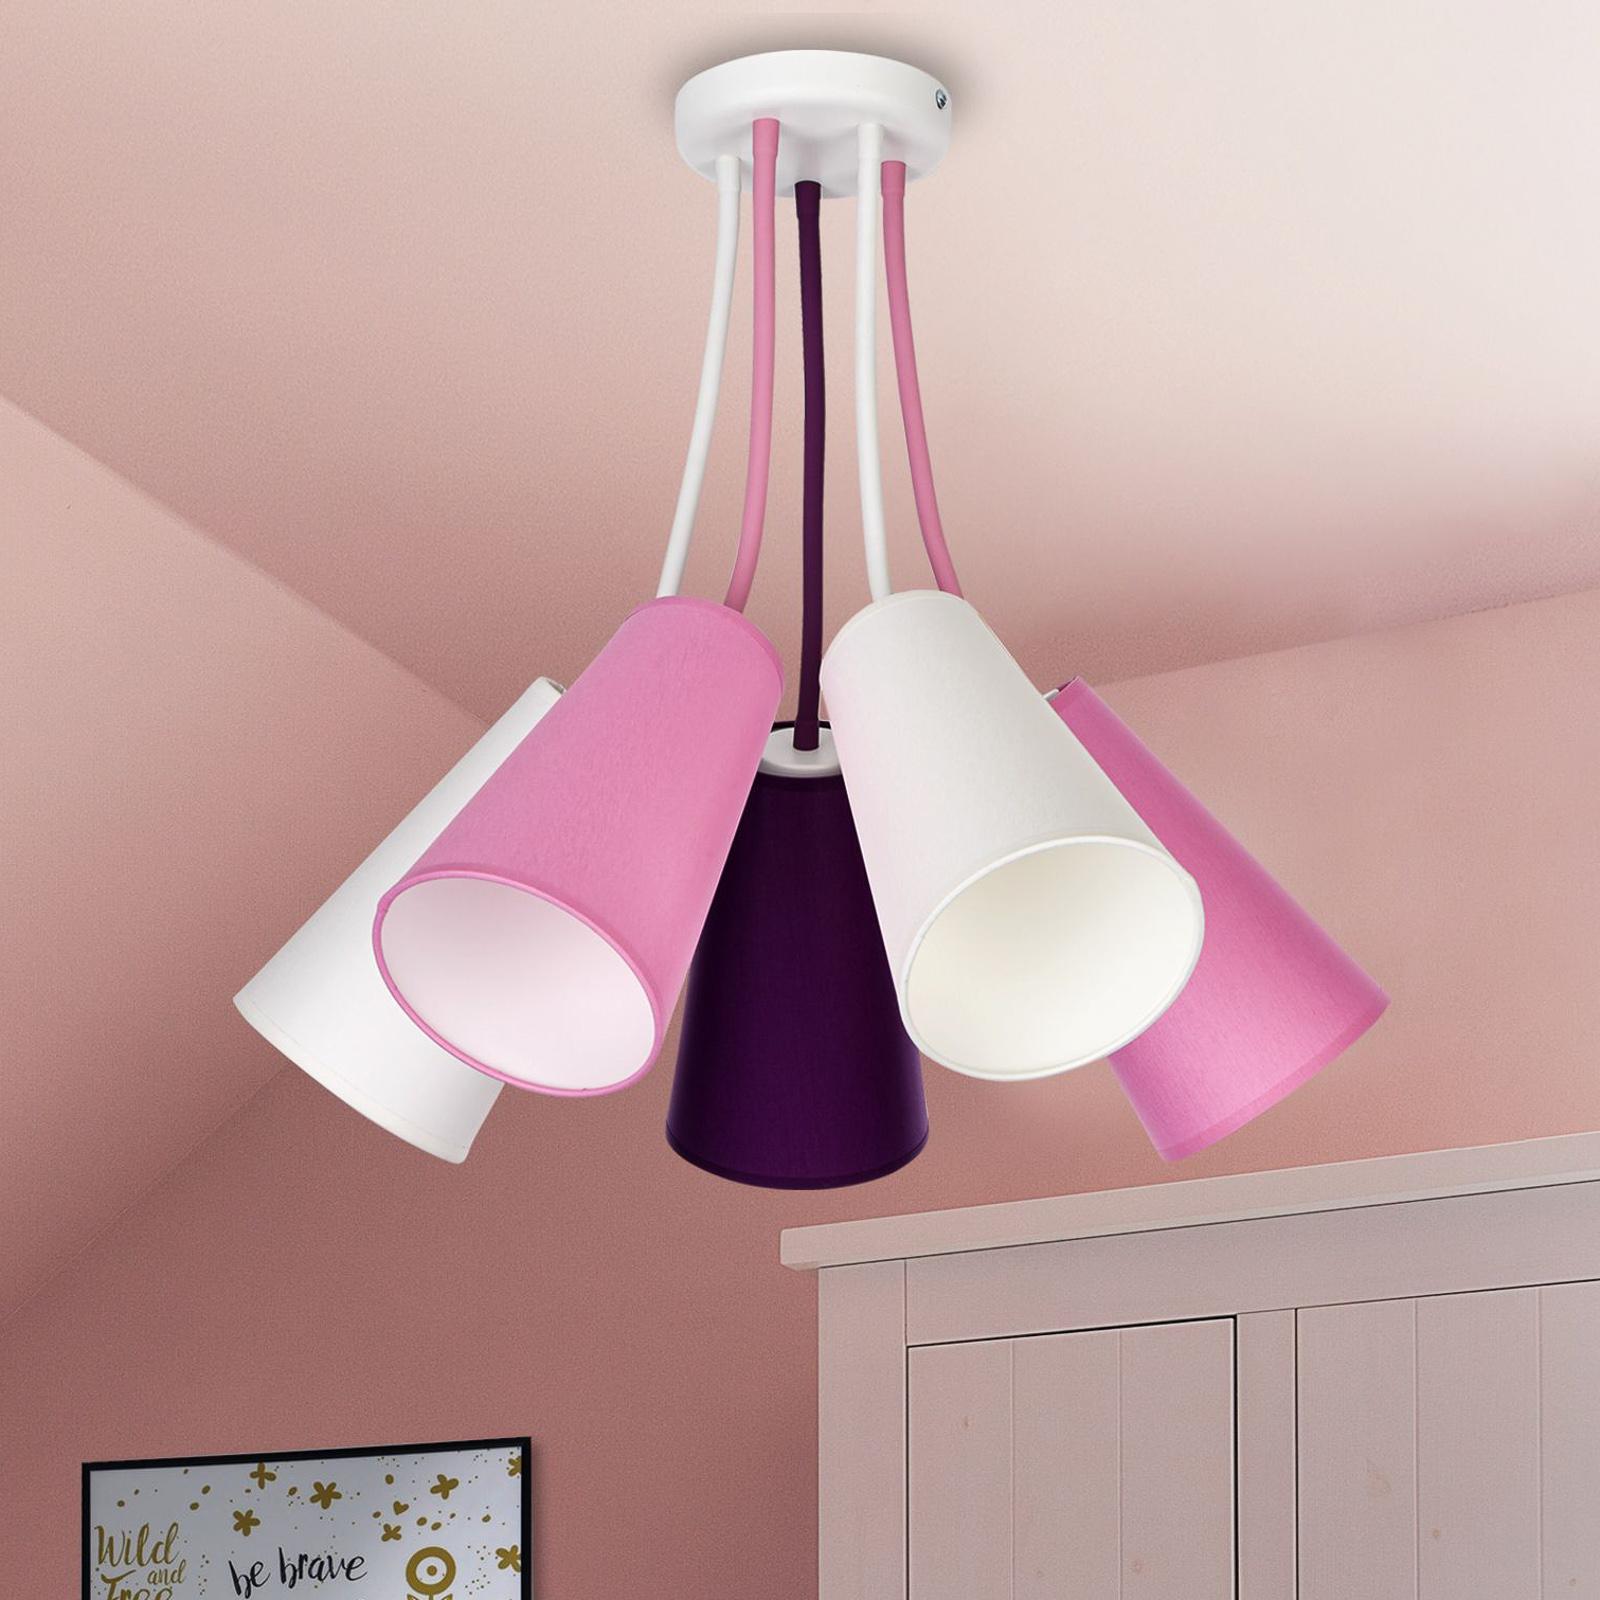 Deckenlampe Wire Kids 5-flammig, weiß/pink/violett